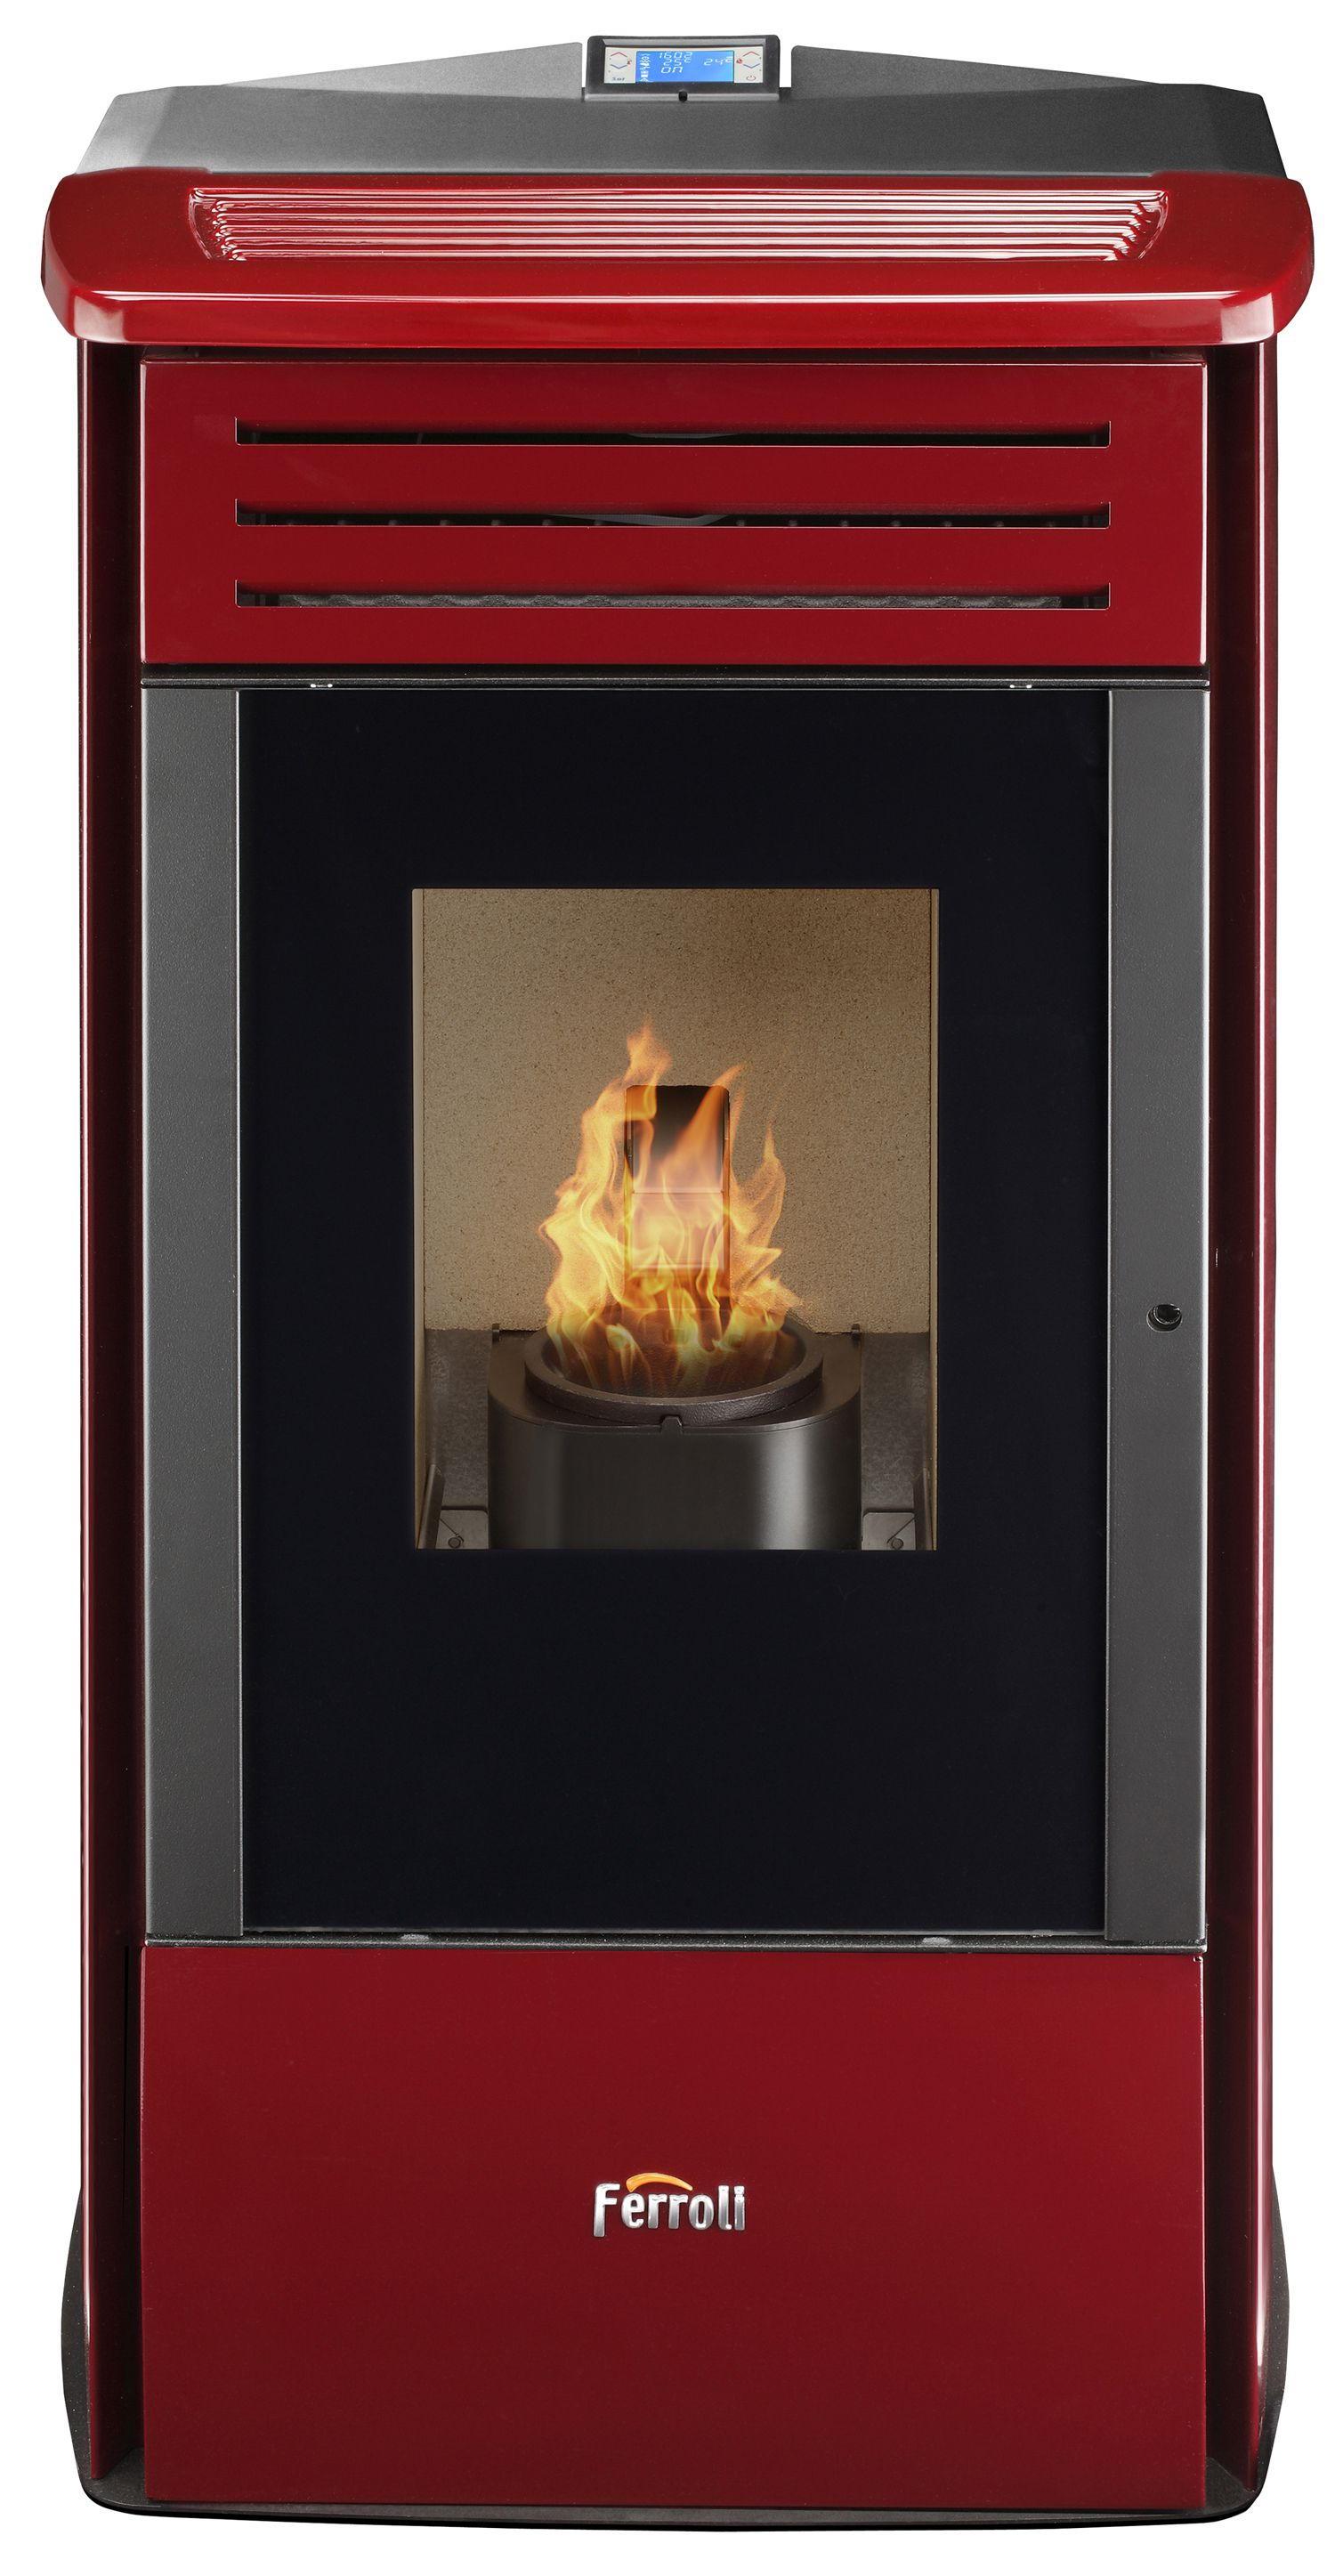 Estufa de pellets ferroli mercurio - Precio queroseno para estufas ...